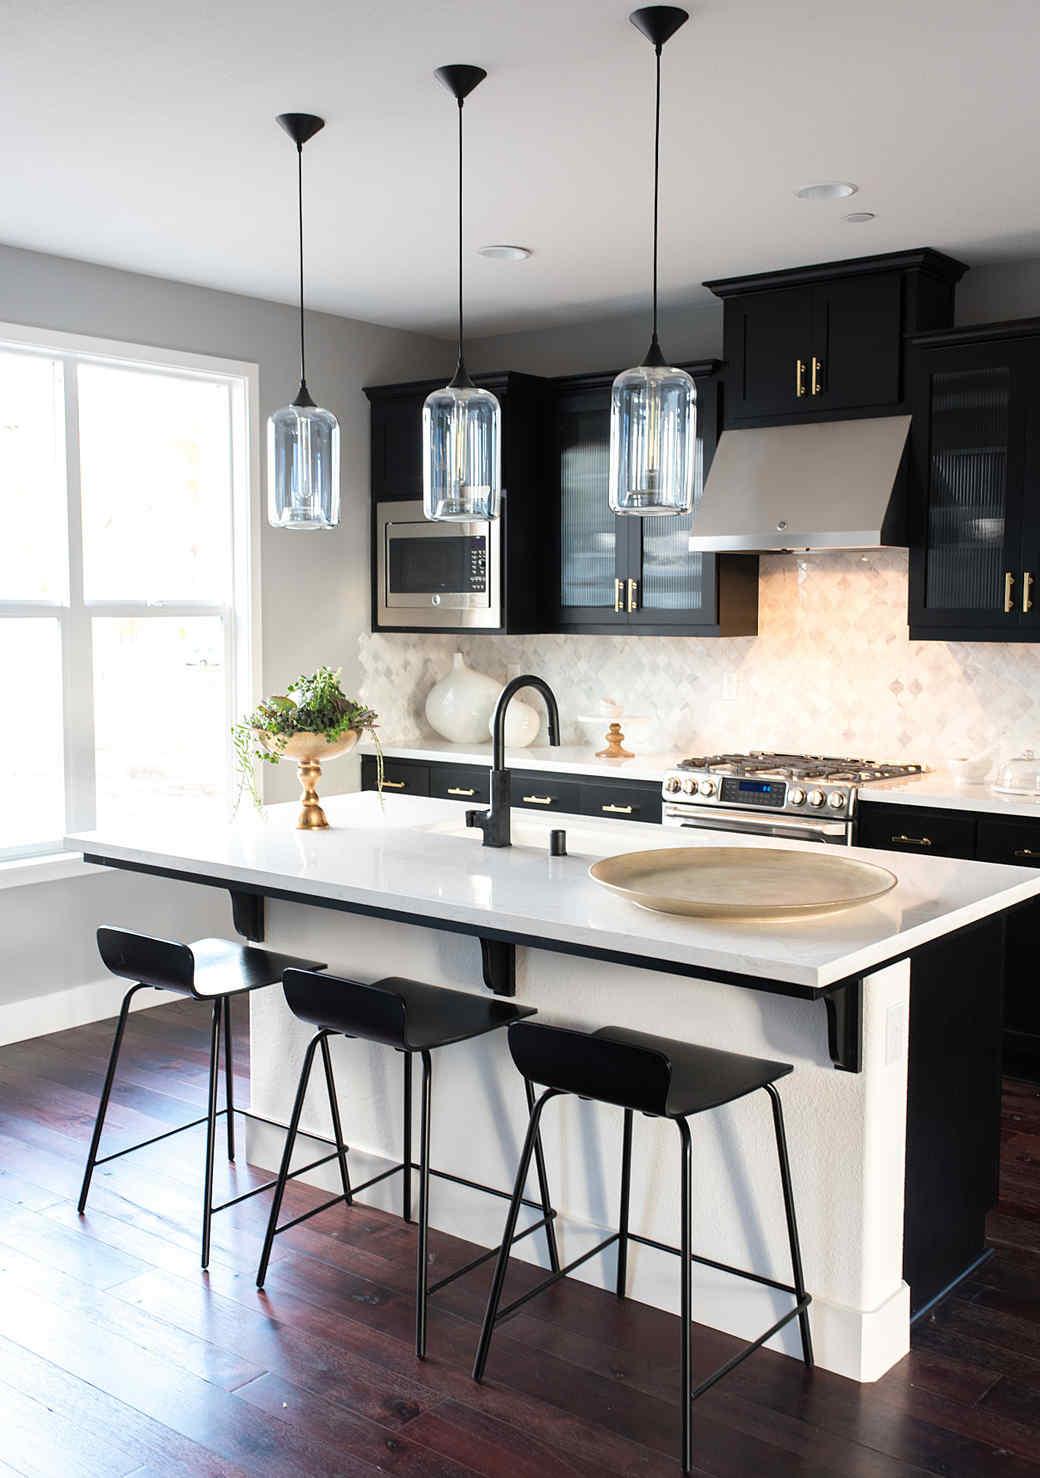 3 Gorgeous Ways to Soften Black Kitchen Cabinets